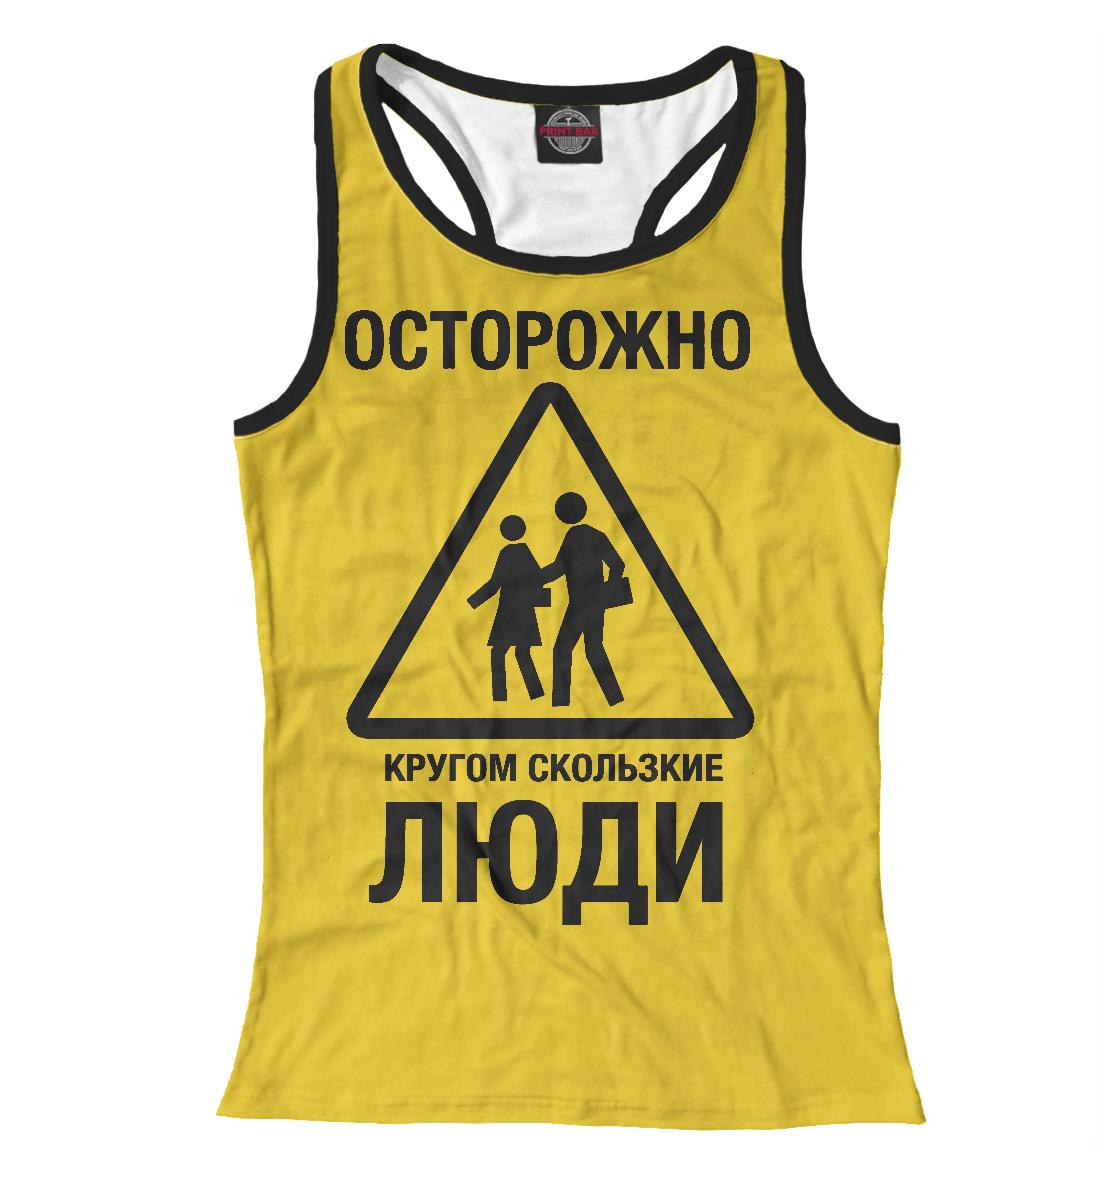 Купить Скользкие Люди, Printbar, Майки борцовки, NDP-556859-mayb-1